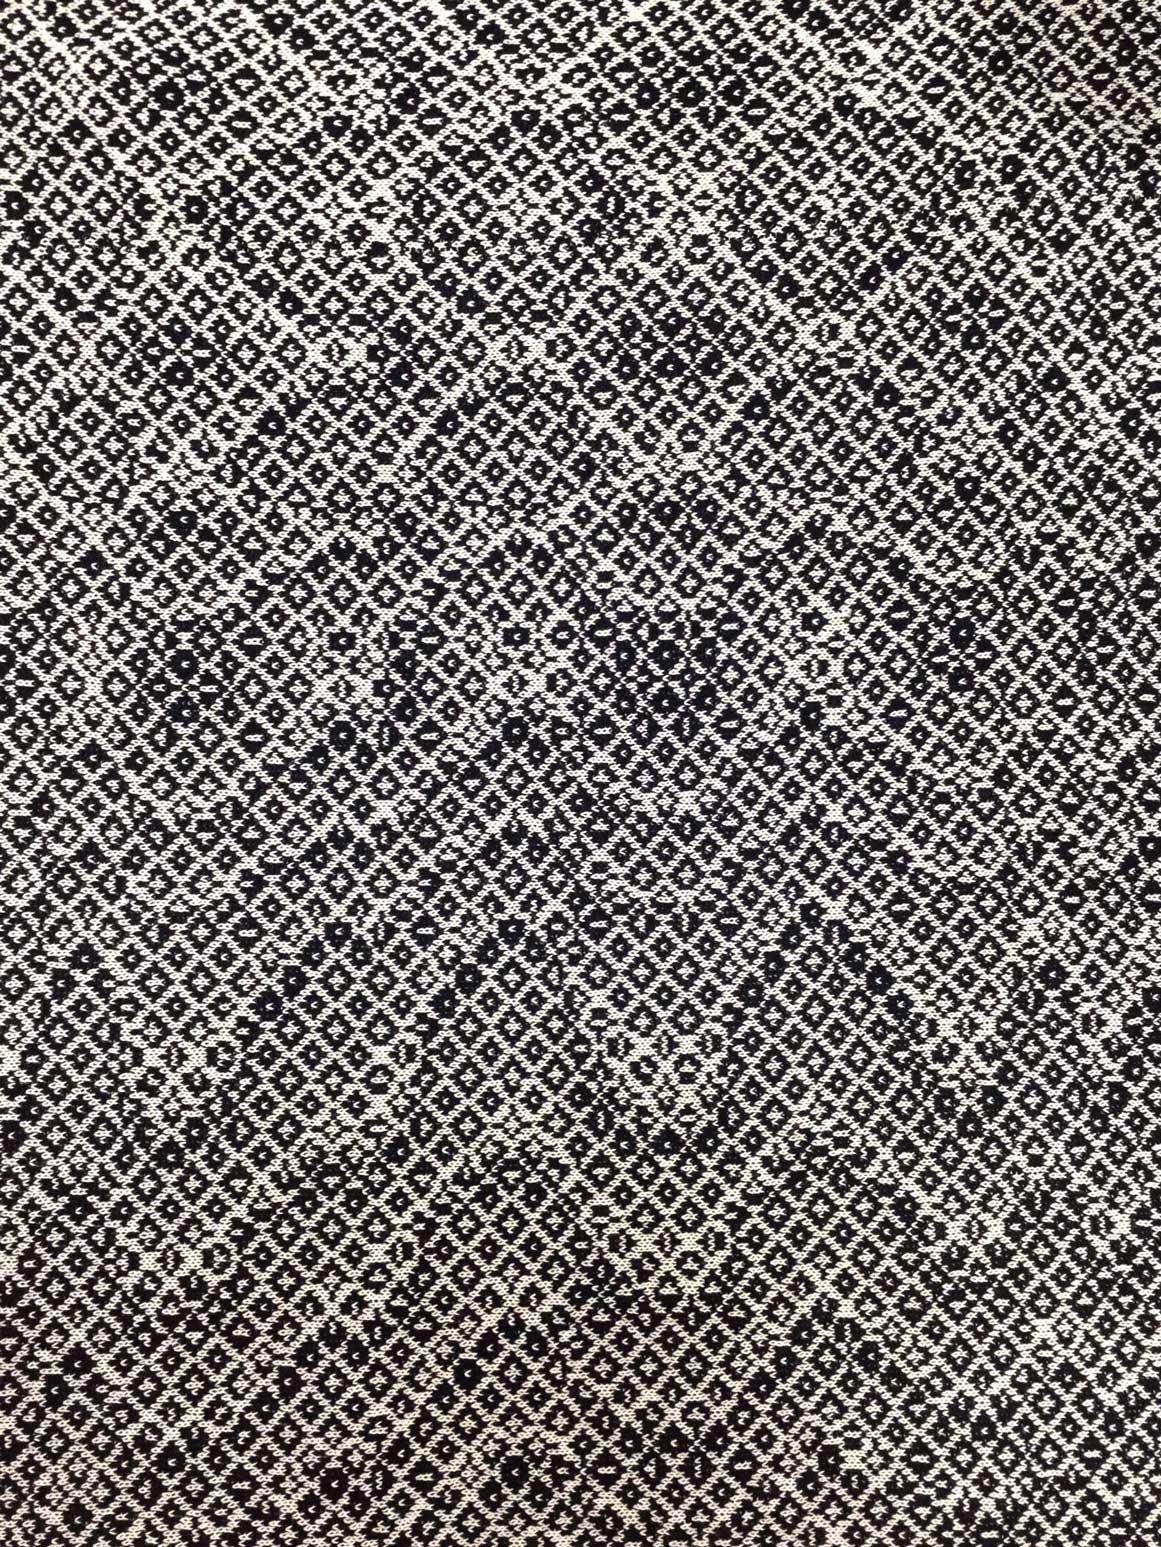 Shime Seiki trompe l'oeil knitting